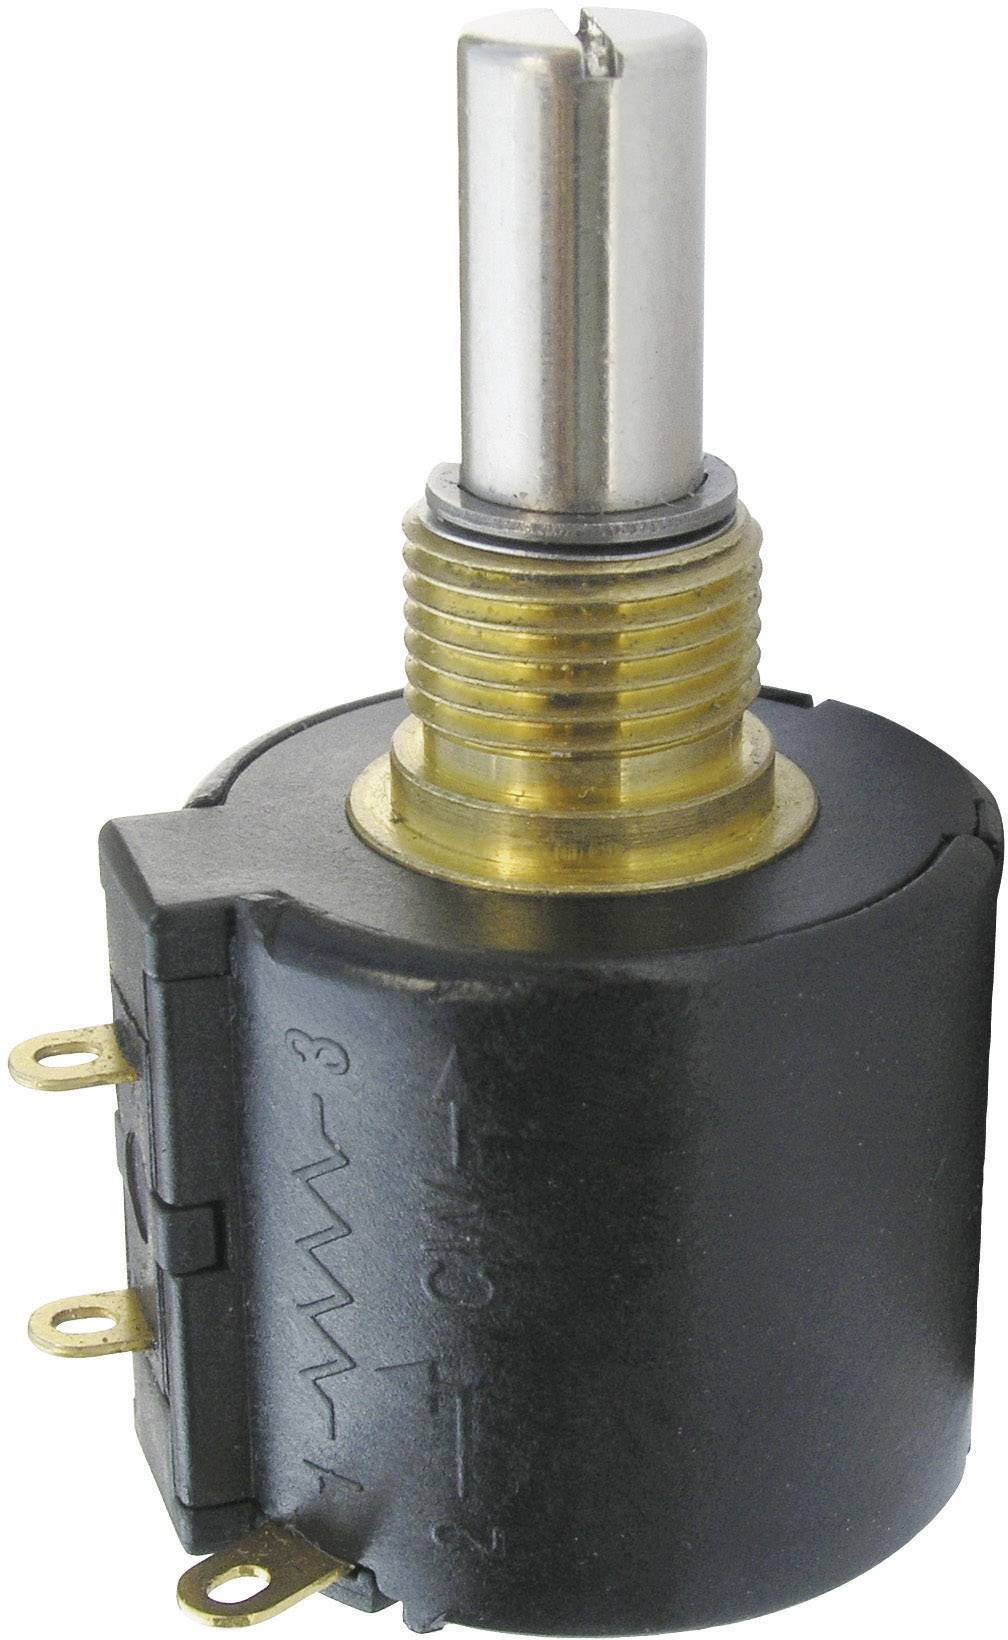 Presný potenciometer Hybritron, 10-cestný mono Bourns 3549H-1AA-102A 3549H-1AA-102A, 2 W, 1 kOhm, 1 ks